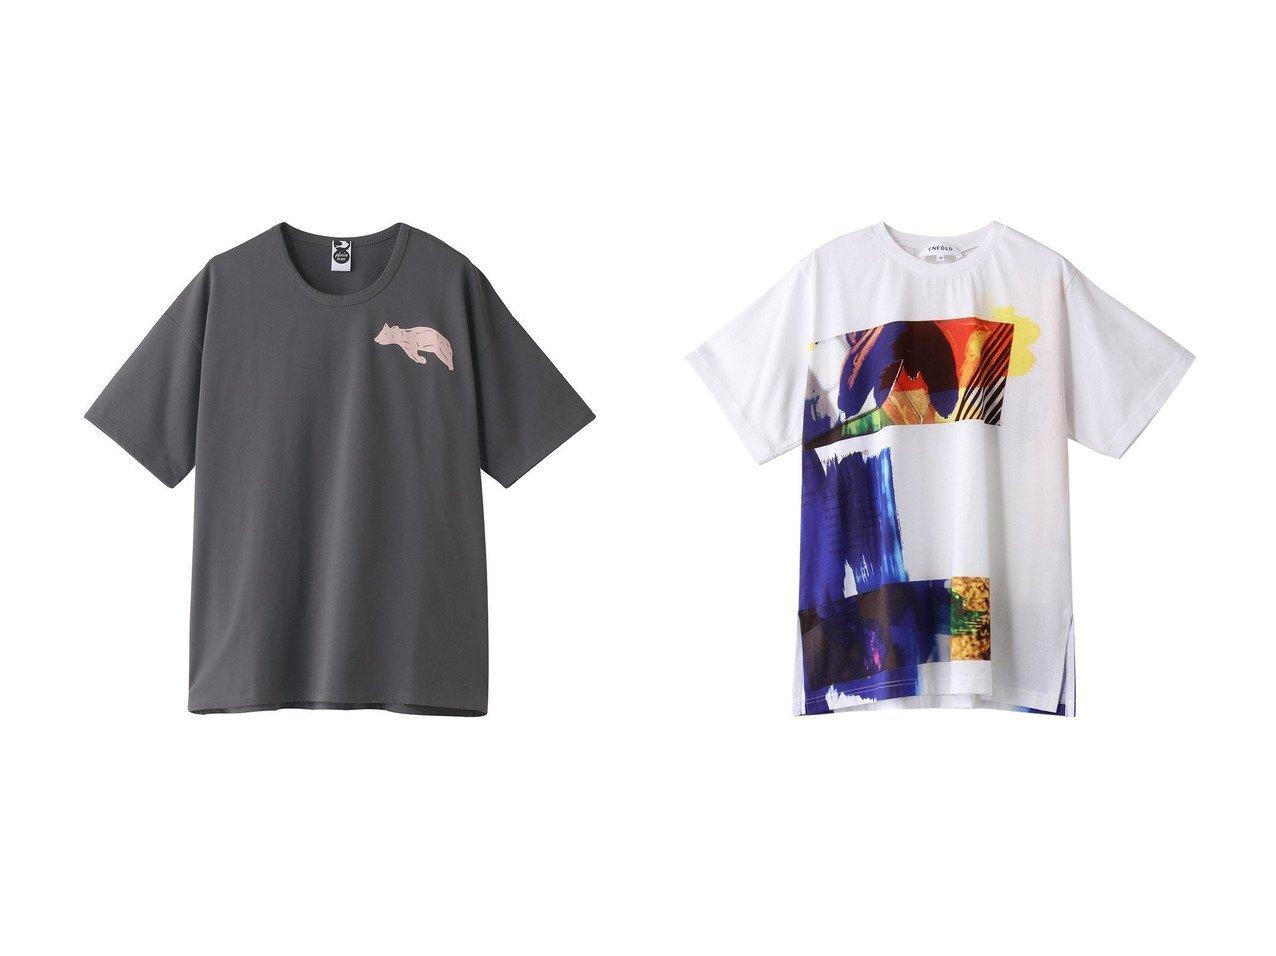 【PLAIN PEOPLE/プレインピープル】の【plainless】プリントTシャツ&【ENFOLD/エンフォルド】のBlooming Collage BIG Tシャツ 【トップス・カットソー】おすすめ!人気、トレンド・レディースファッションの通販  おすすめで人気の流行・トレンド、ファッションの通販商品 メンズファッション・キッズファッション・インテリア・家具・レディースファッション・服の通販 founy(ファニー) https://founy.com/ ファッション Fashion レディースファッション WOMEN トップス・カットソー Tops/Tshirt シャツ/ブラウス Shirts/Blouses ロング / Tシャツ T-Shirts カットソー Cut and Sewn 2021年 2021 2021春夏・S/S SS/Spring/Summer/2021 S/S・春夏 SS・Spring/Summer ショート シンプル スリーブ フロント プリント 半袖 春 Spring |ID:crp329100000027110